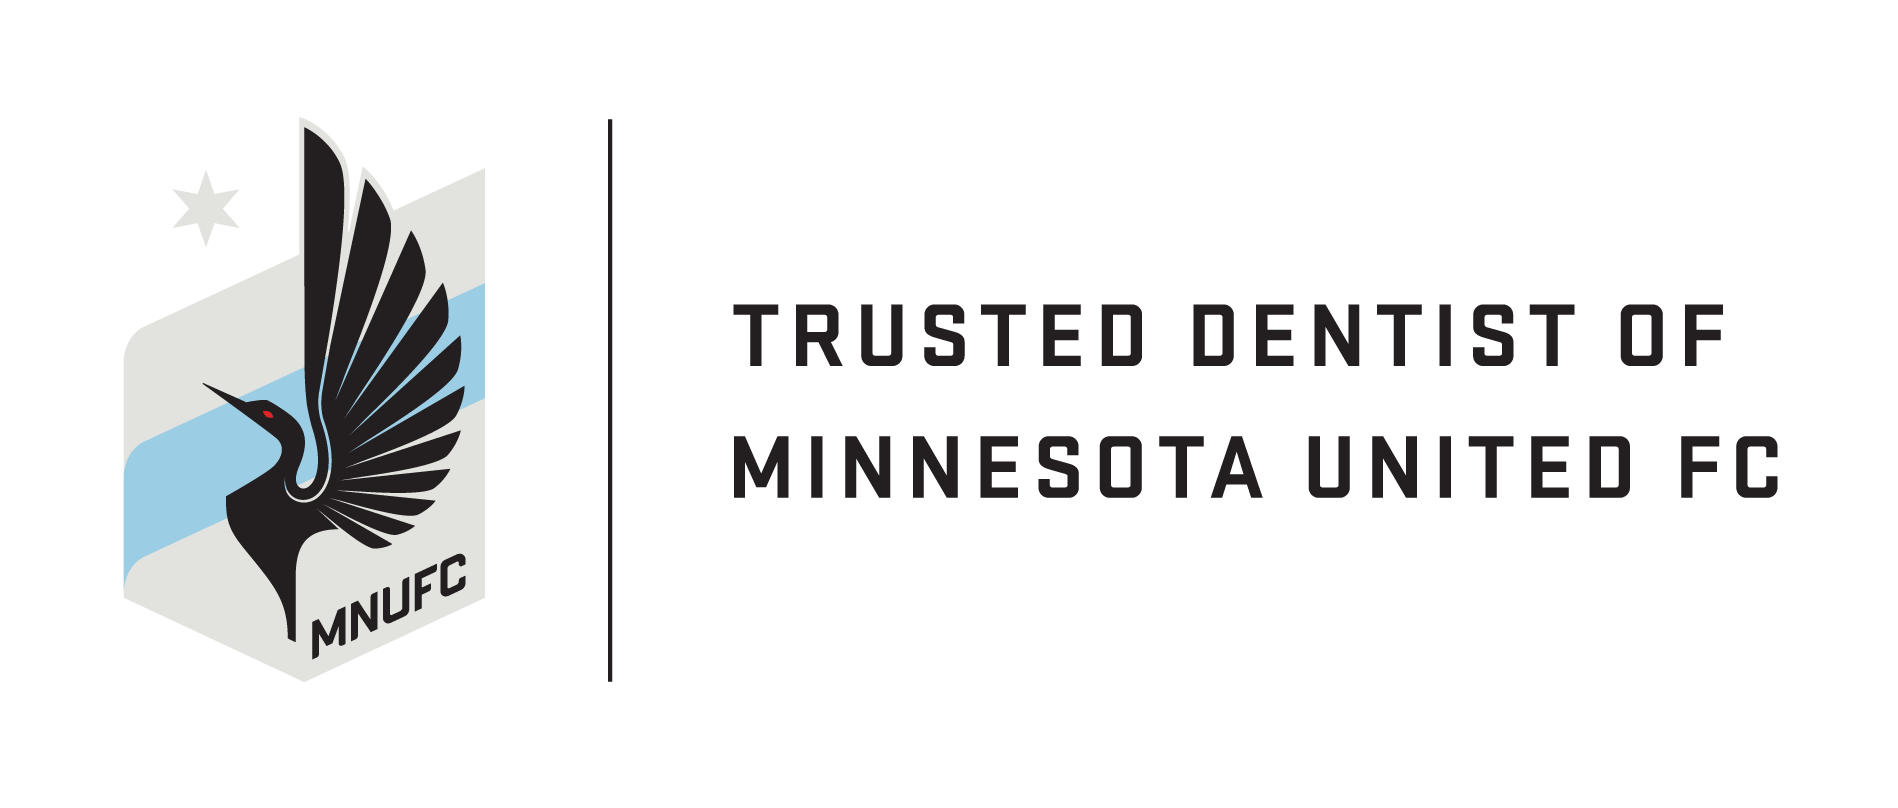 Trusted Dentist of Minnesota United FC